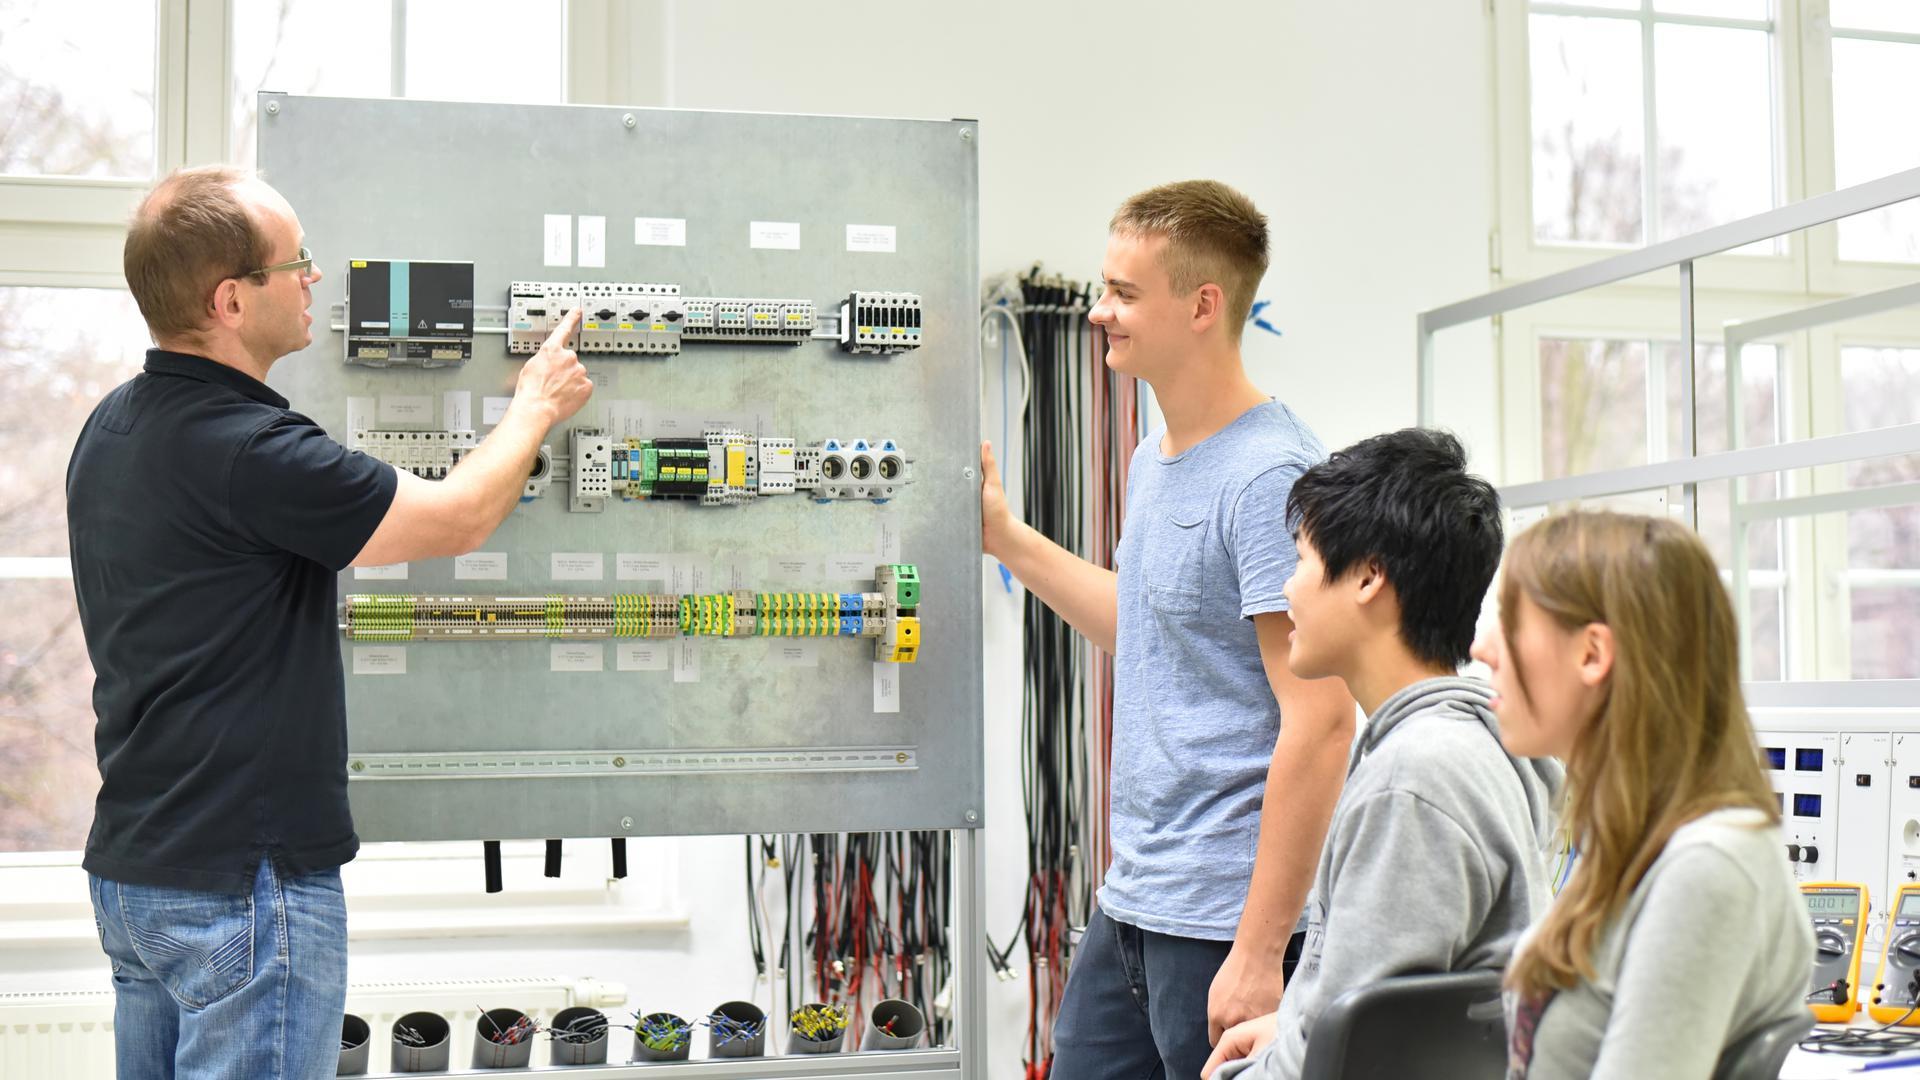 Auszubildende im Berufsfeld des Elektrikers.